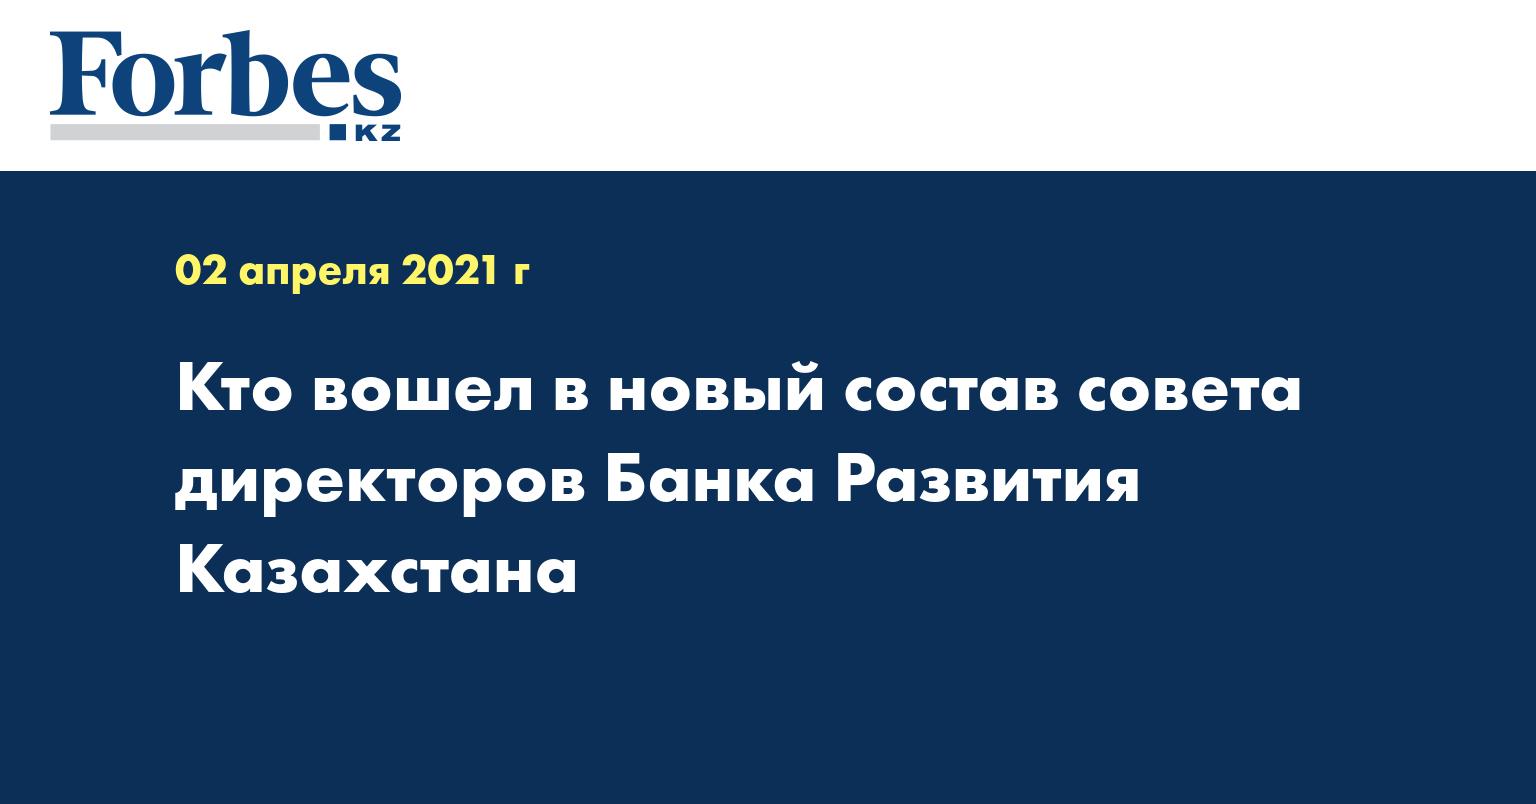 Кто вошел в новый состав совета директоров Банка Развития Казахстана